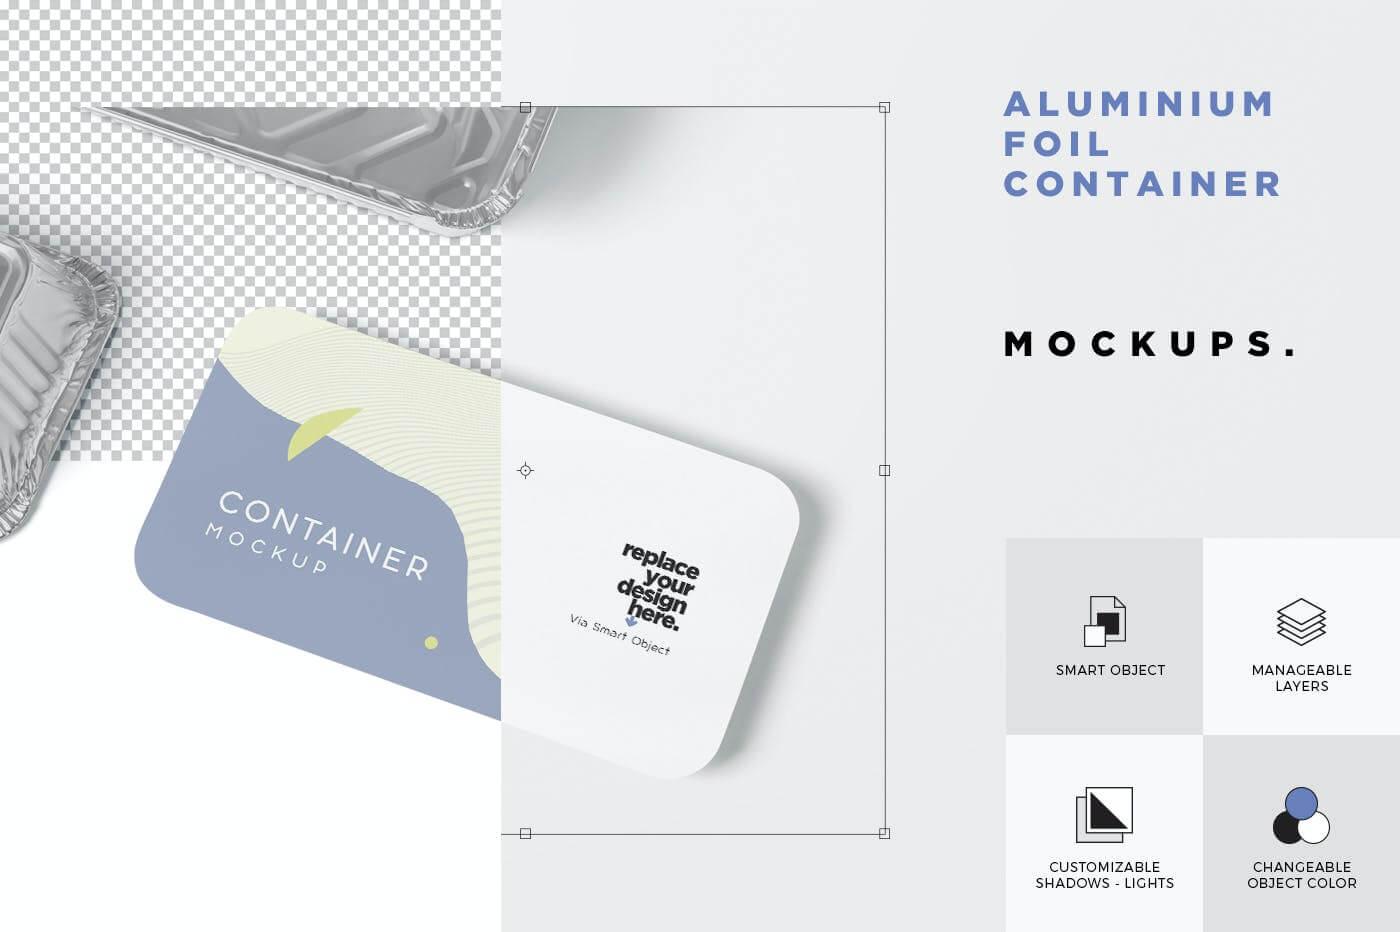 铝箔包装食品盒样机52Q4737插图(2)